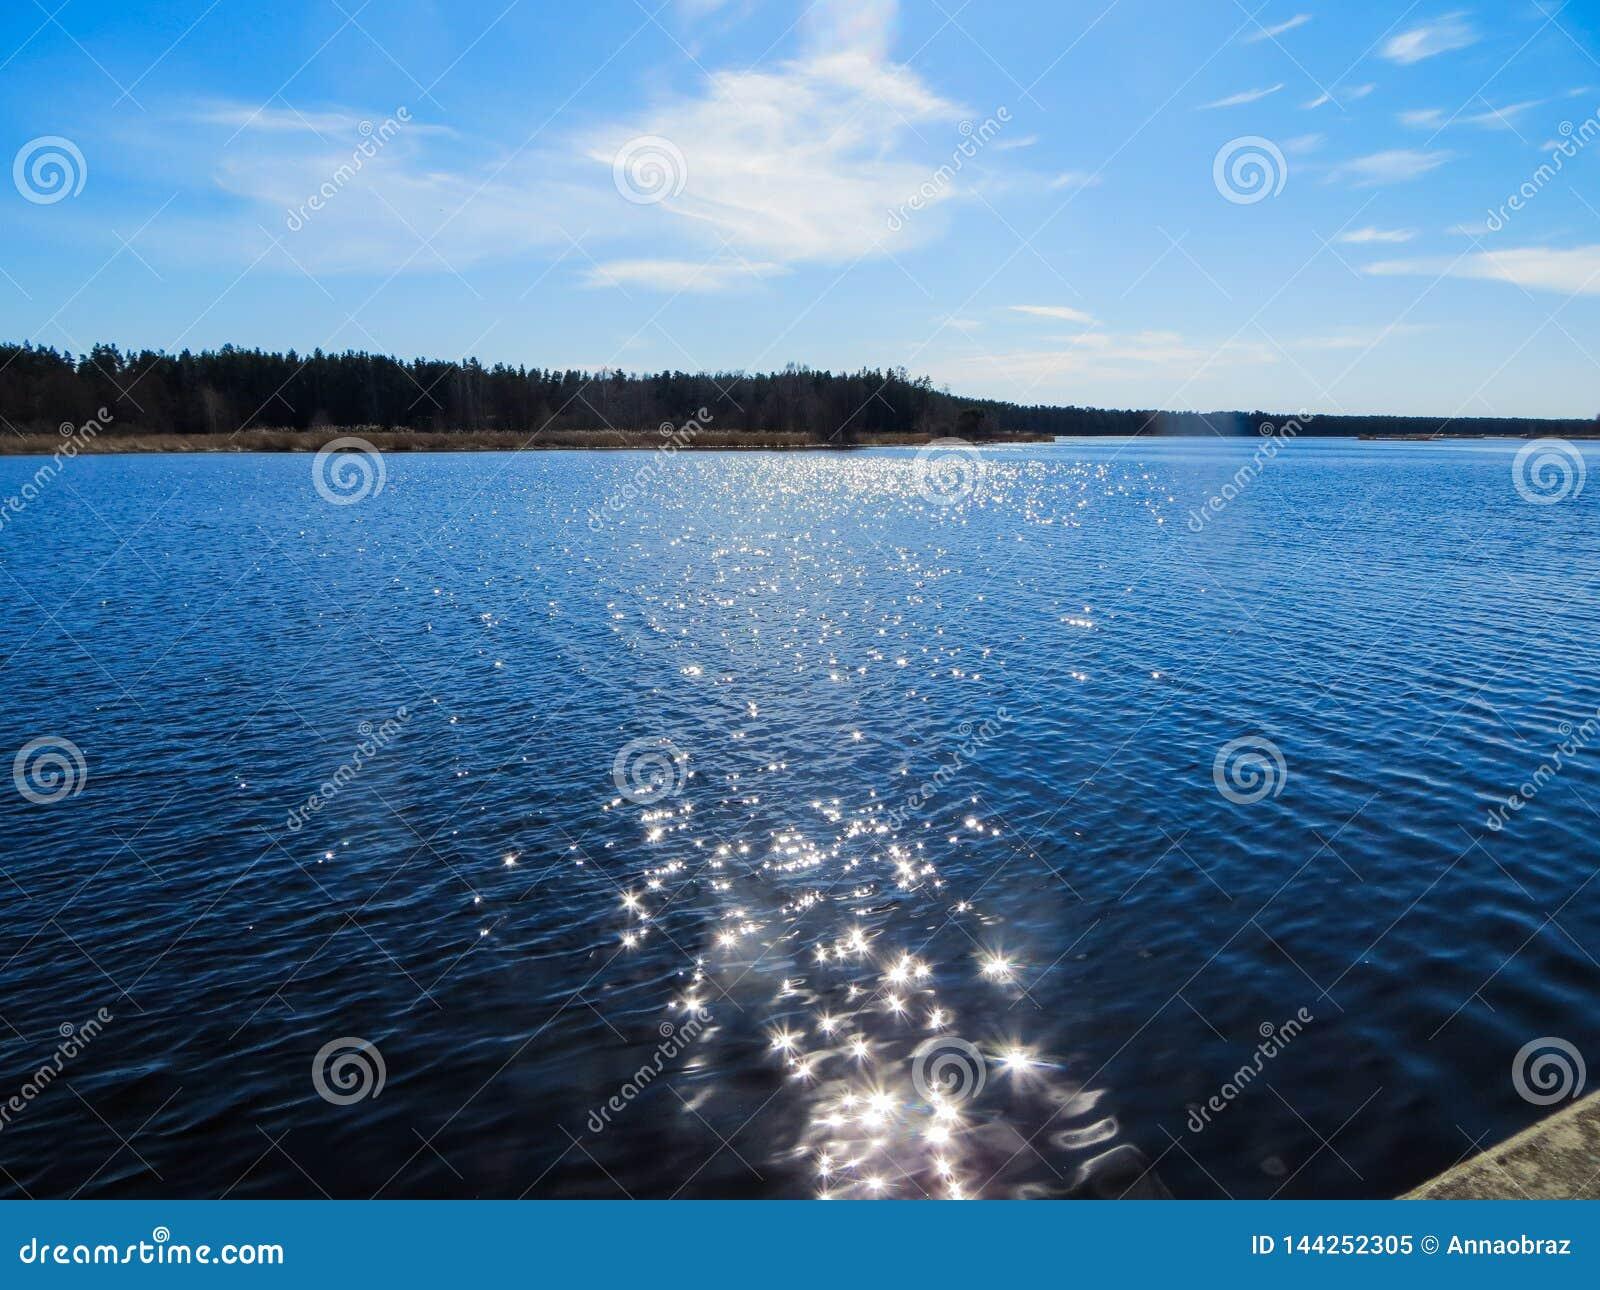 Donkerblauw water op de Lielupe-Rivier met glans van de heldere zon in Letland in de vroege lente